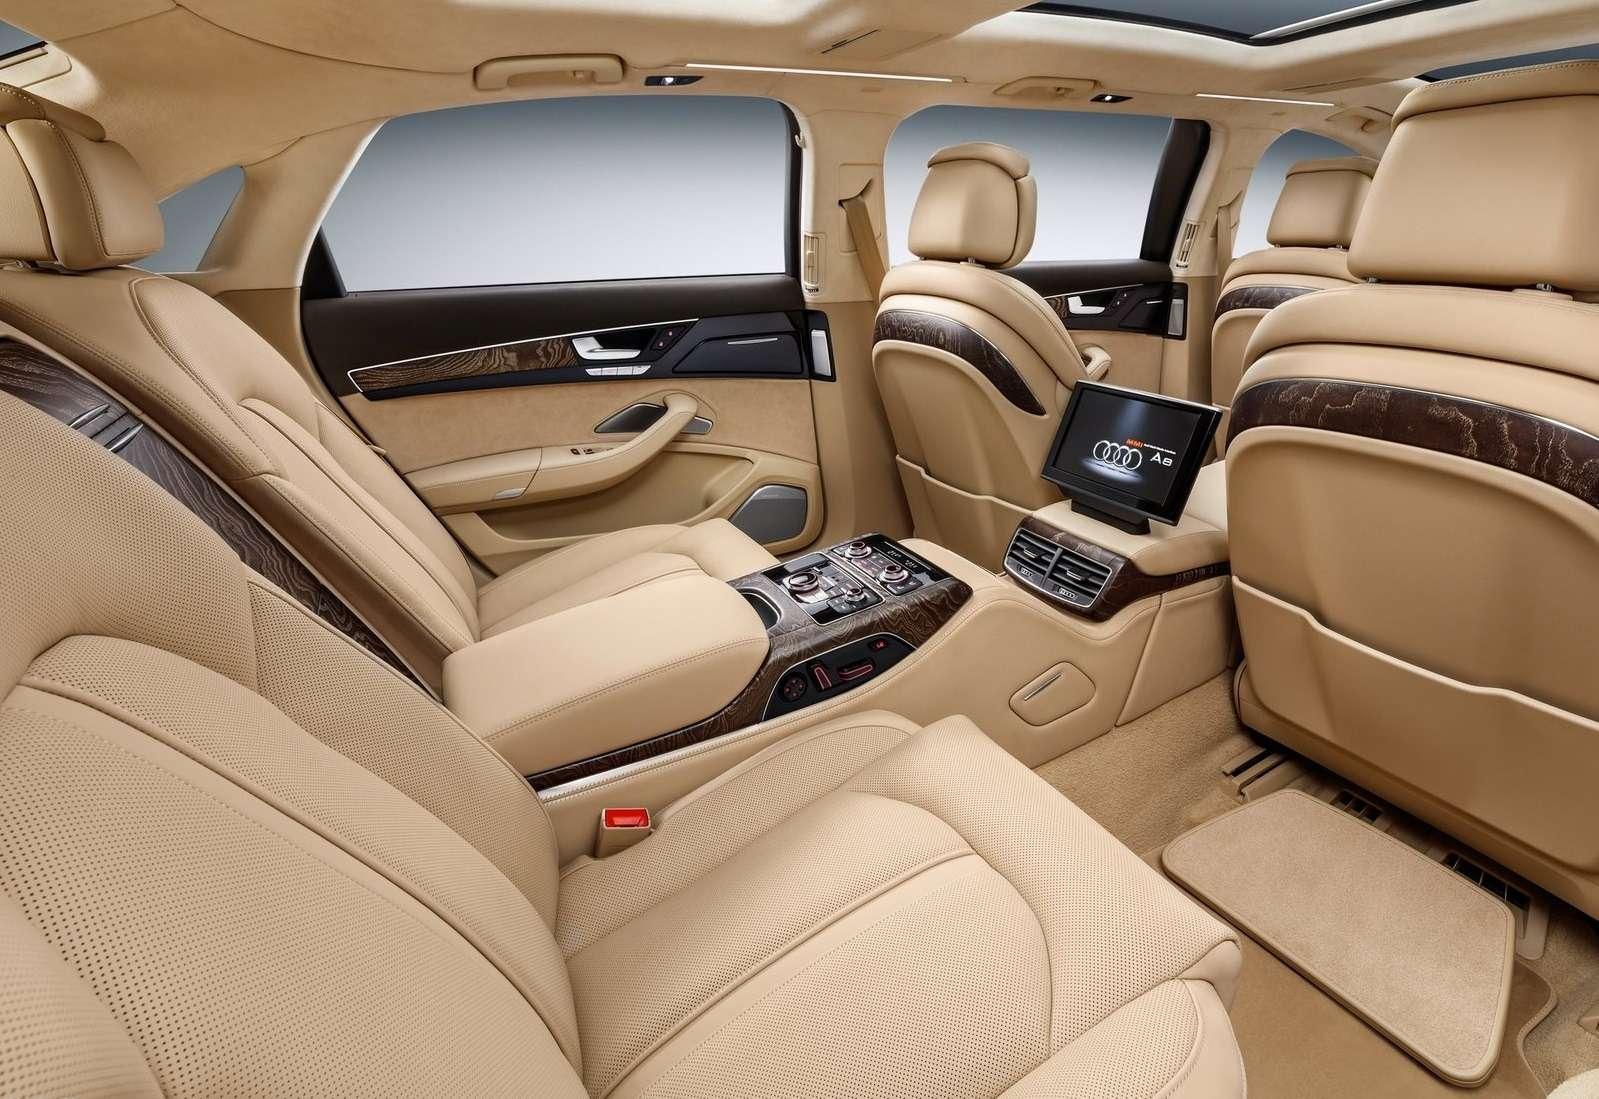 «Автобус» класса люкс: Audi A8растянулся вугоду королевским запросам— фото 574392